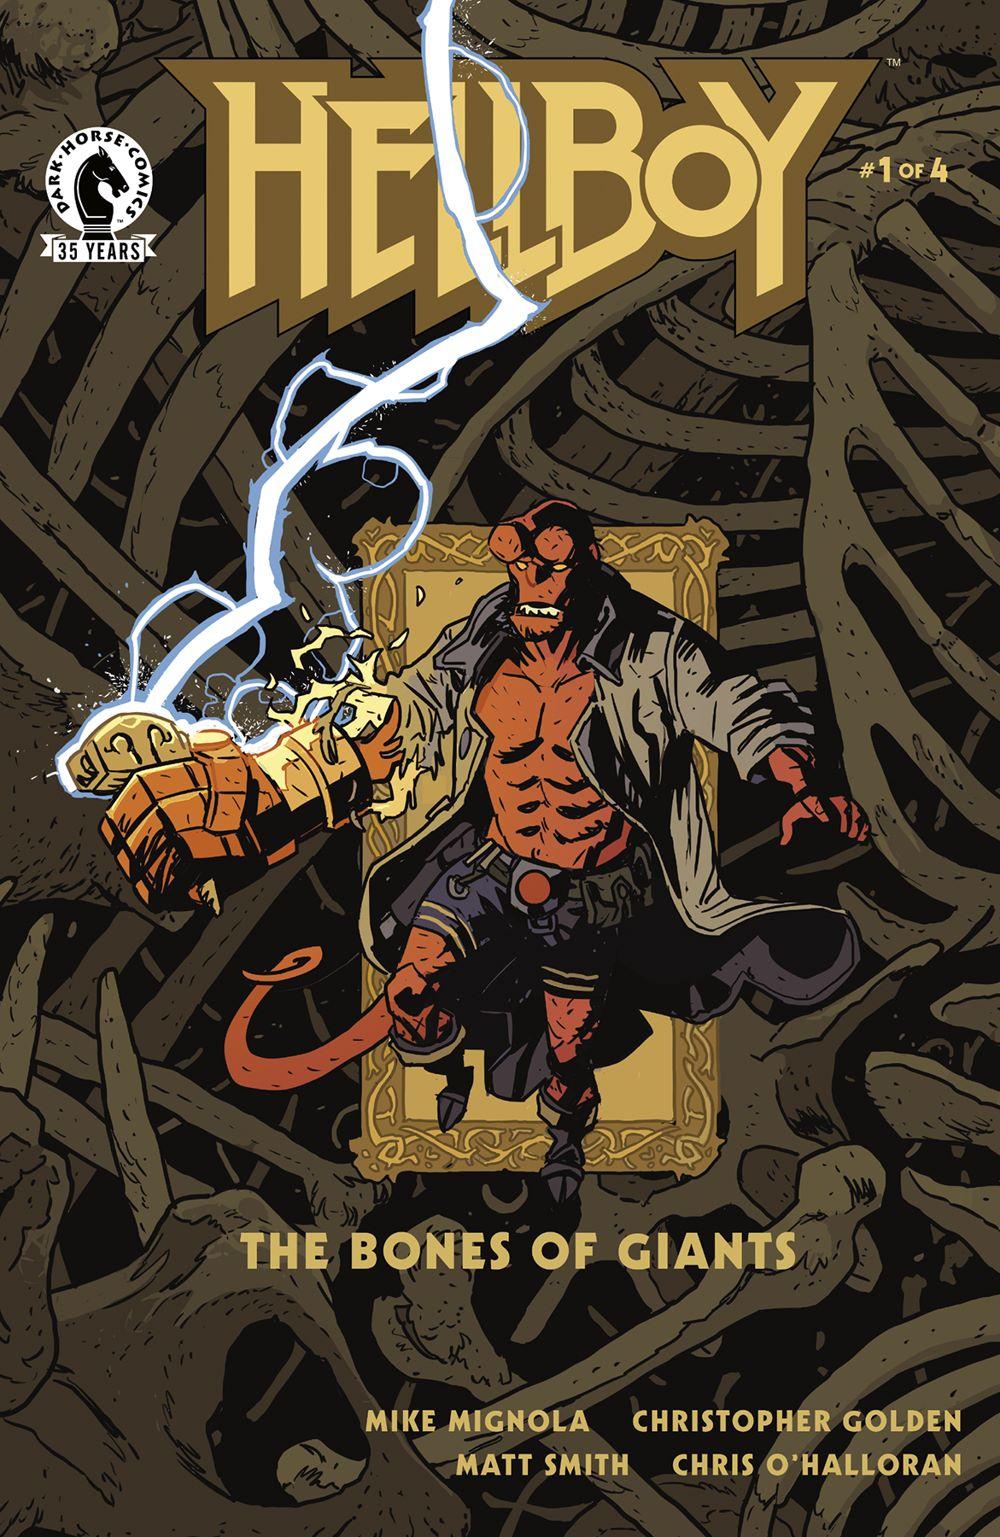 HBYBOG_i1_CVR_4x6_SOL_TIPSHEET Dark Horse Comics November 2021 Solicitations